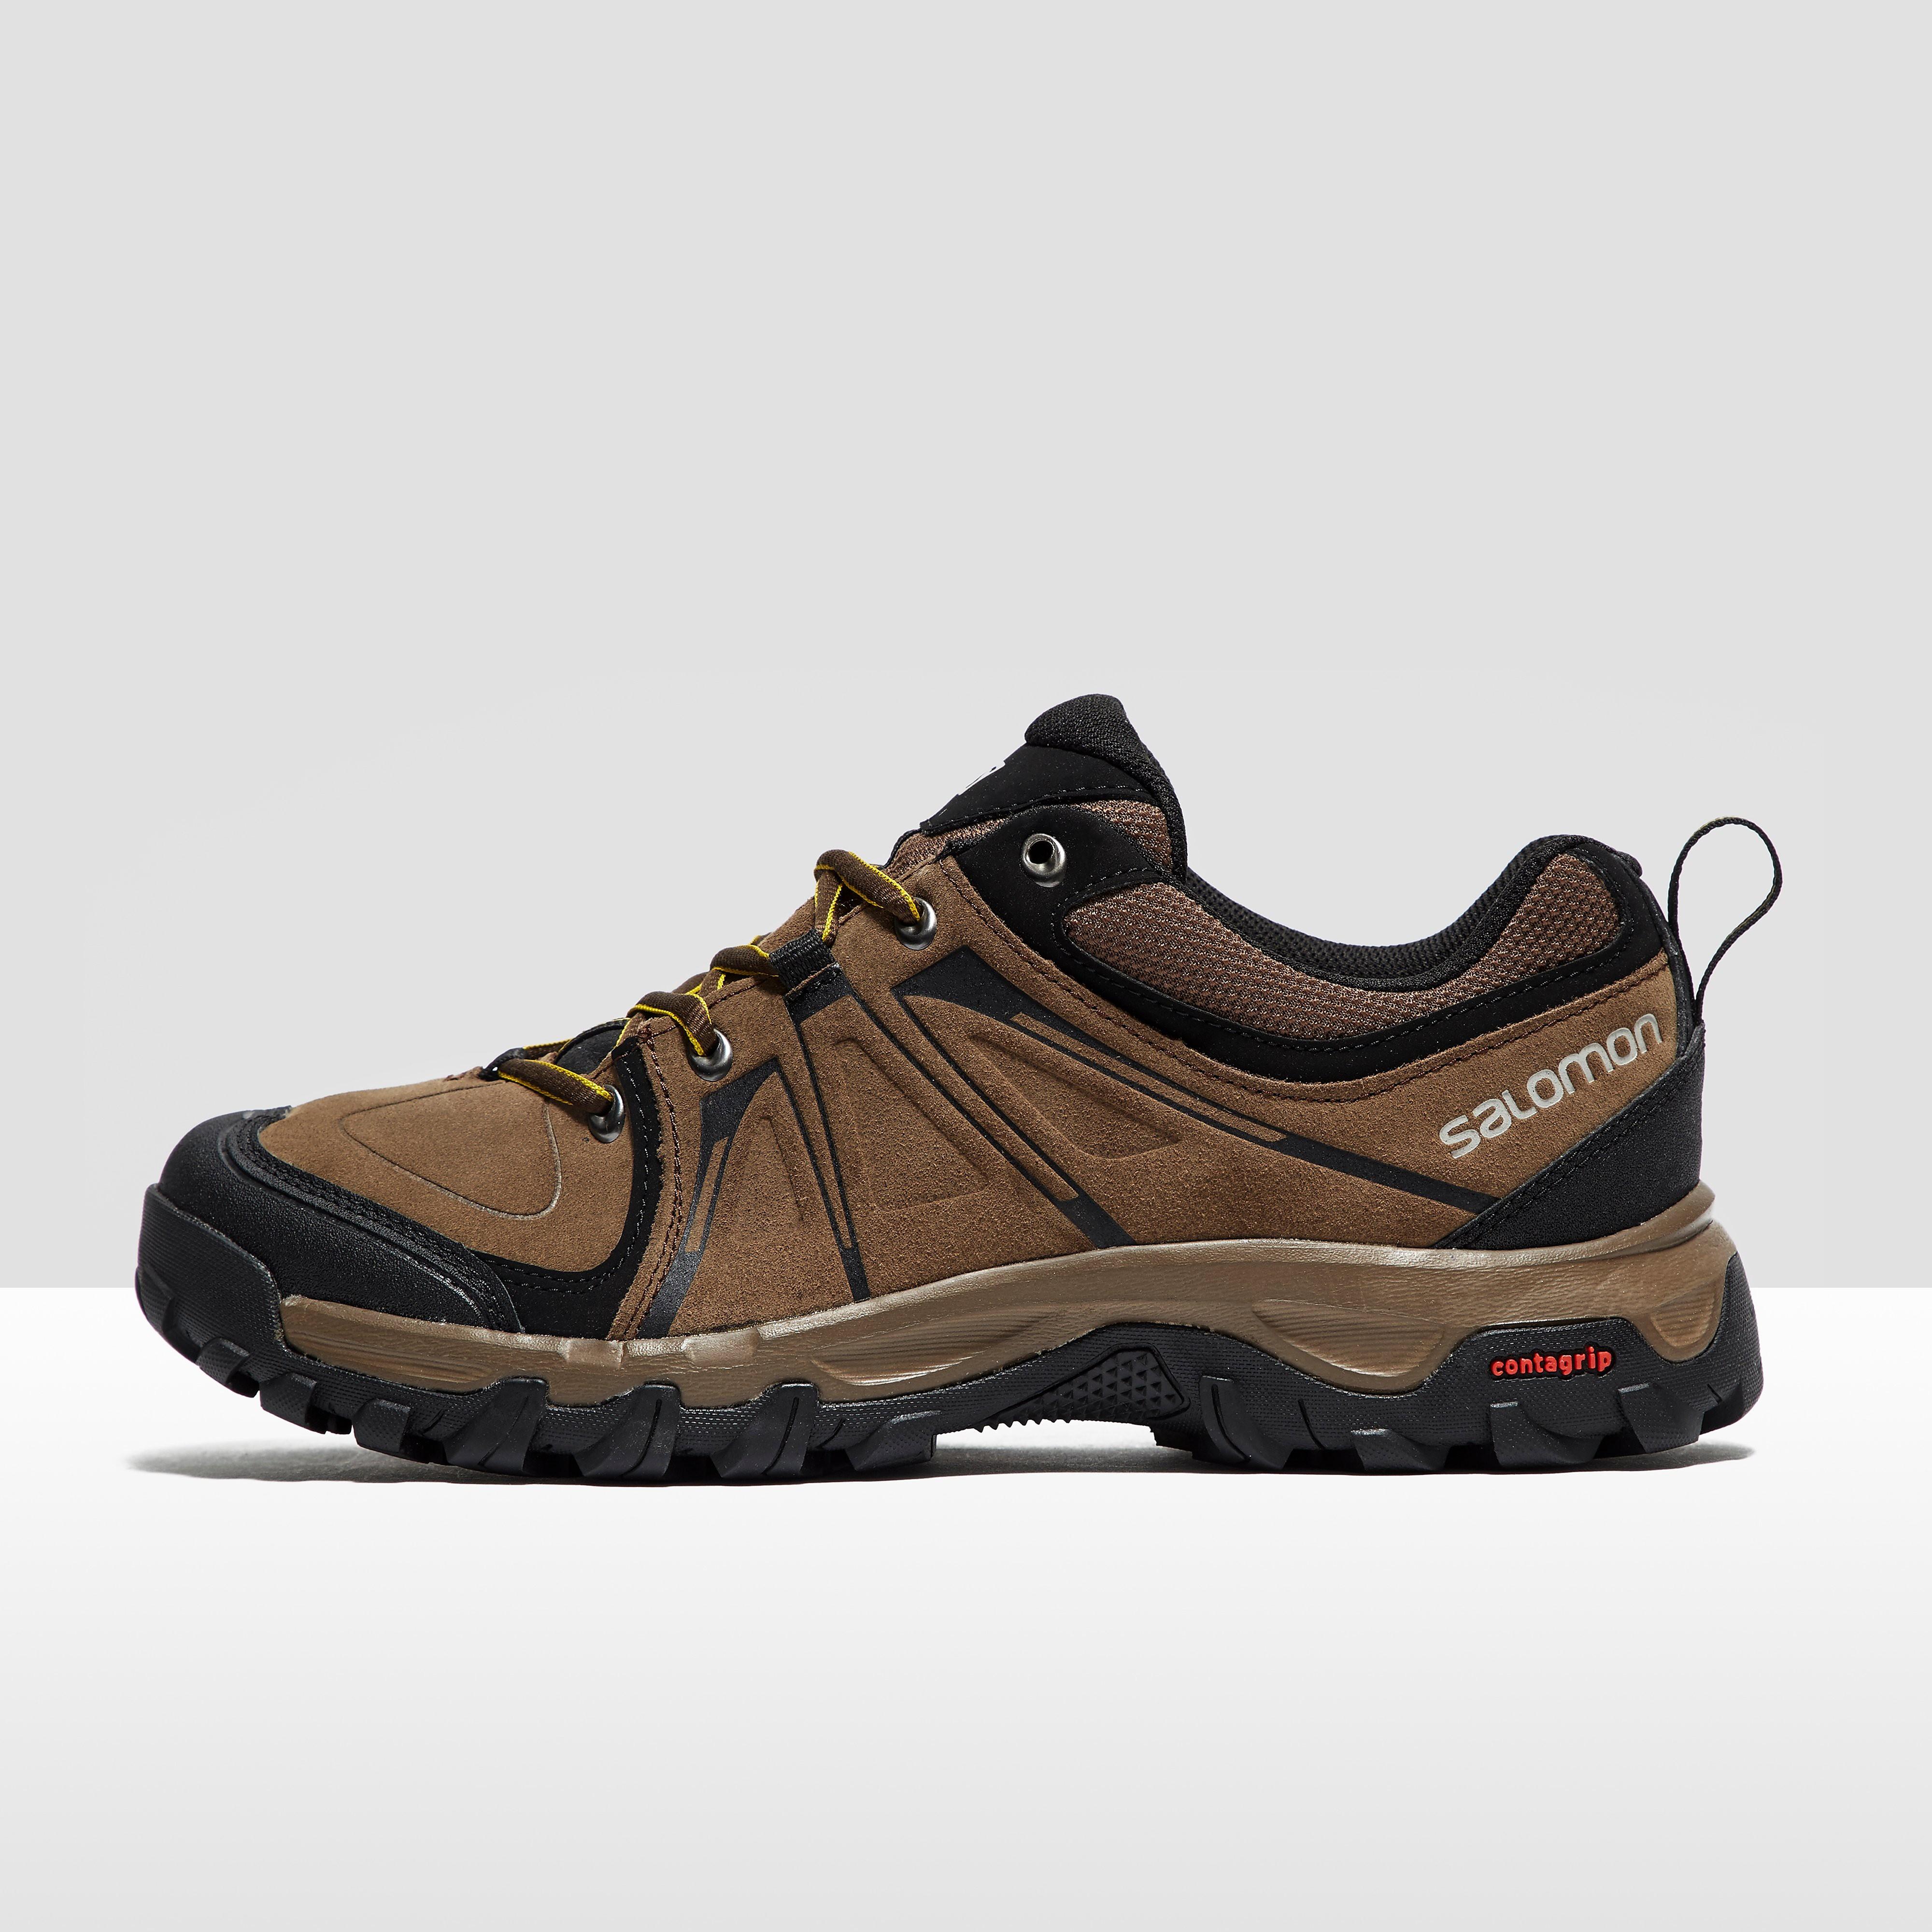 Salomon Evasion LTR Men's Hiking Shoes